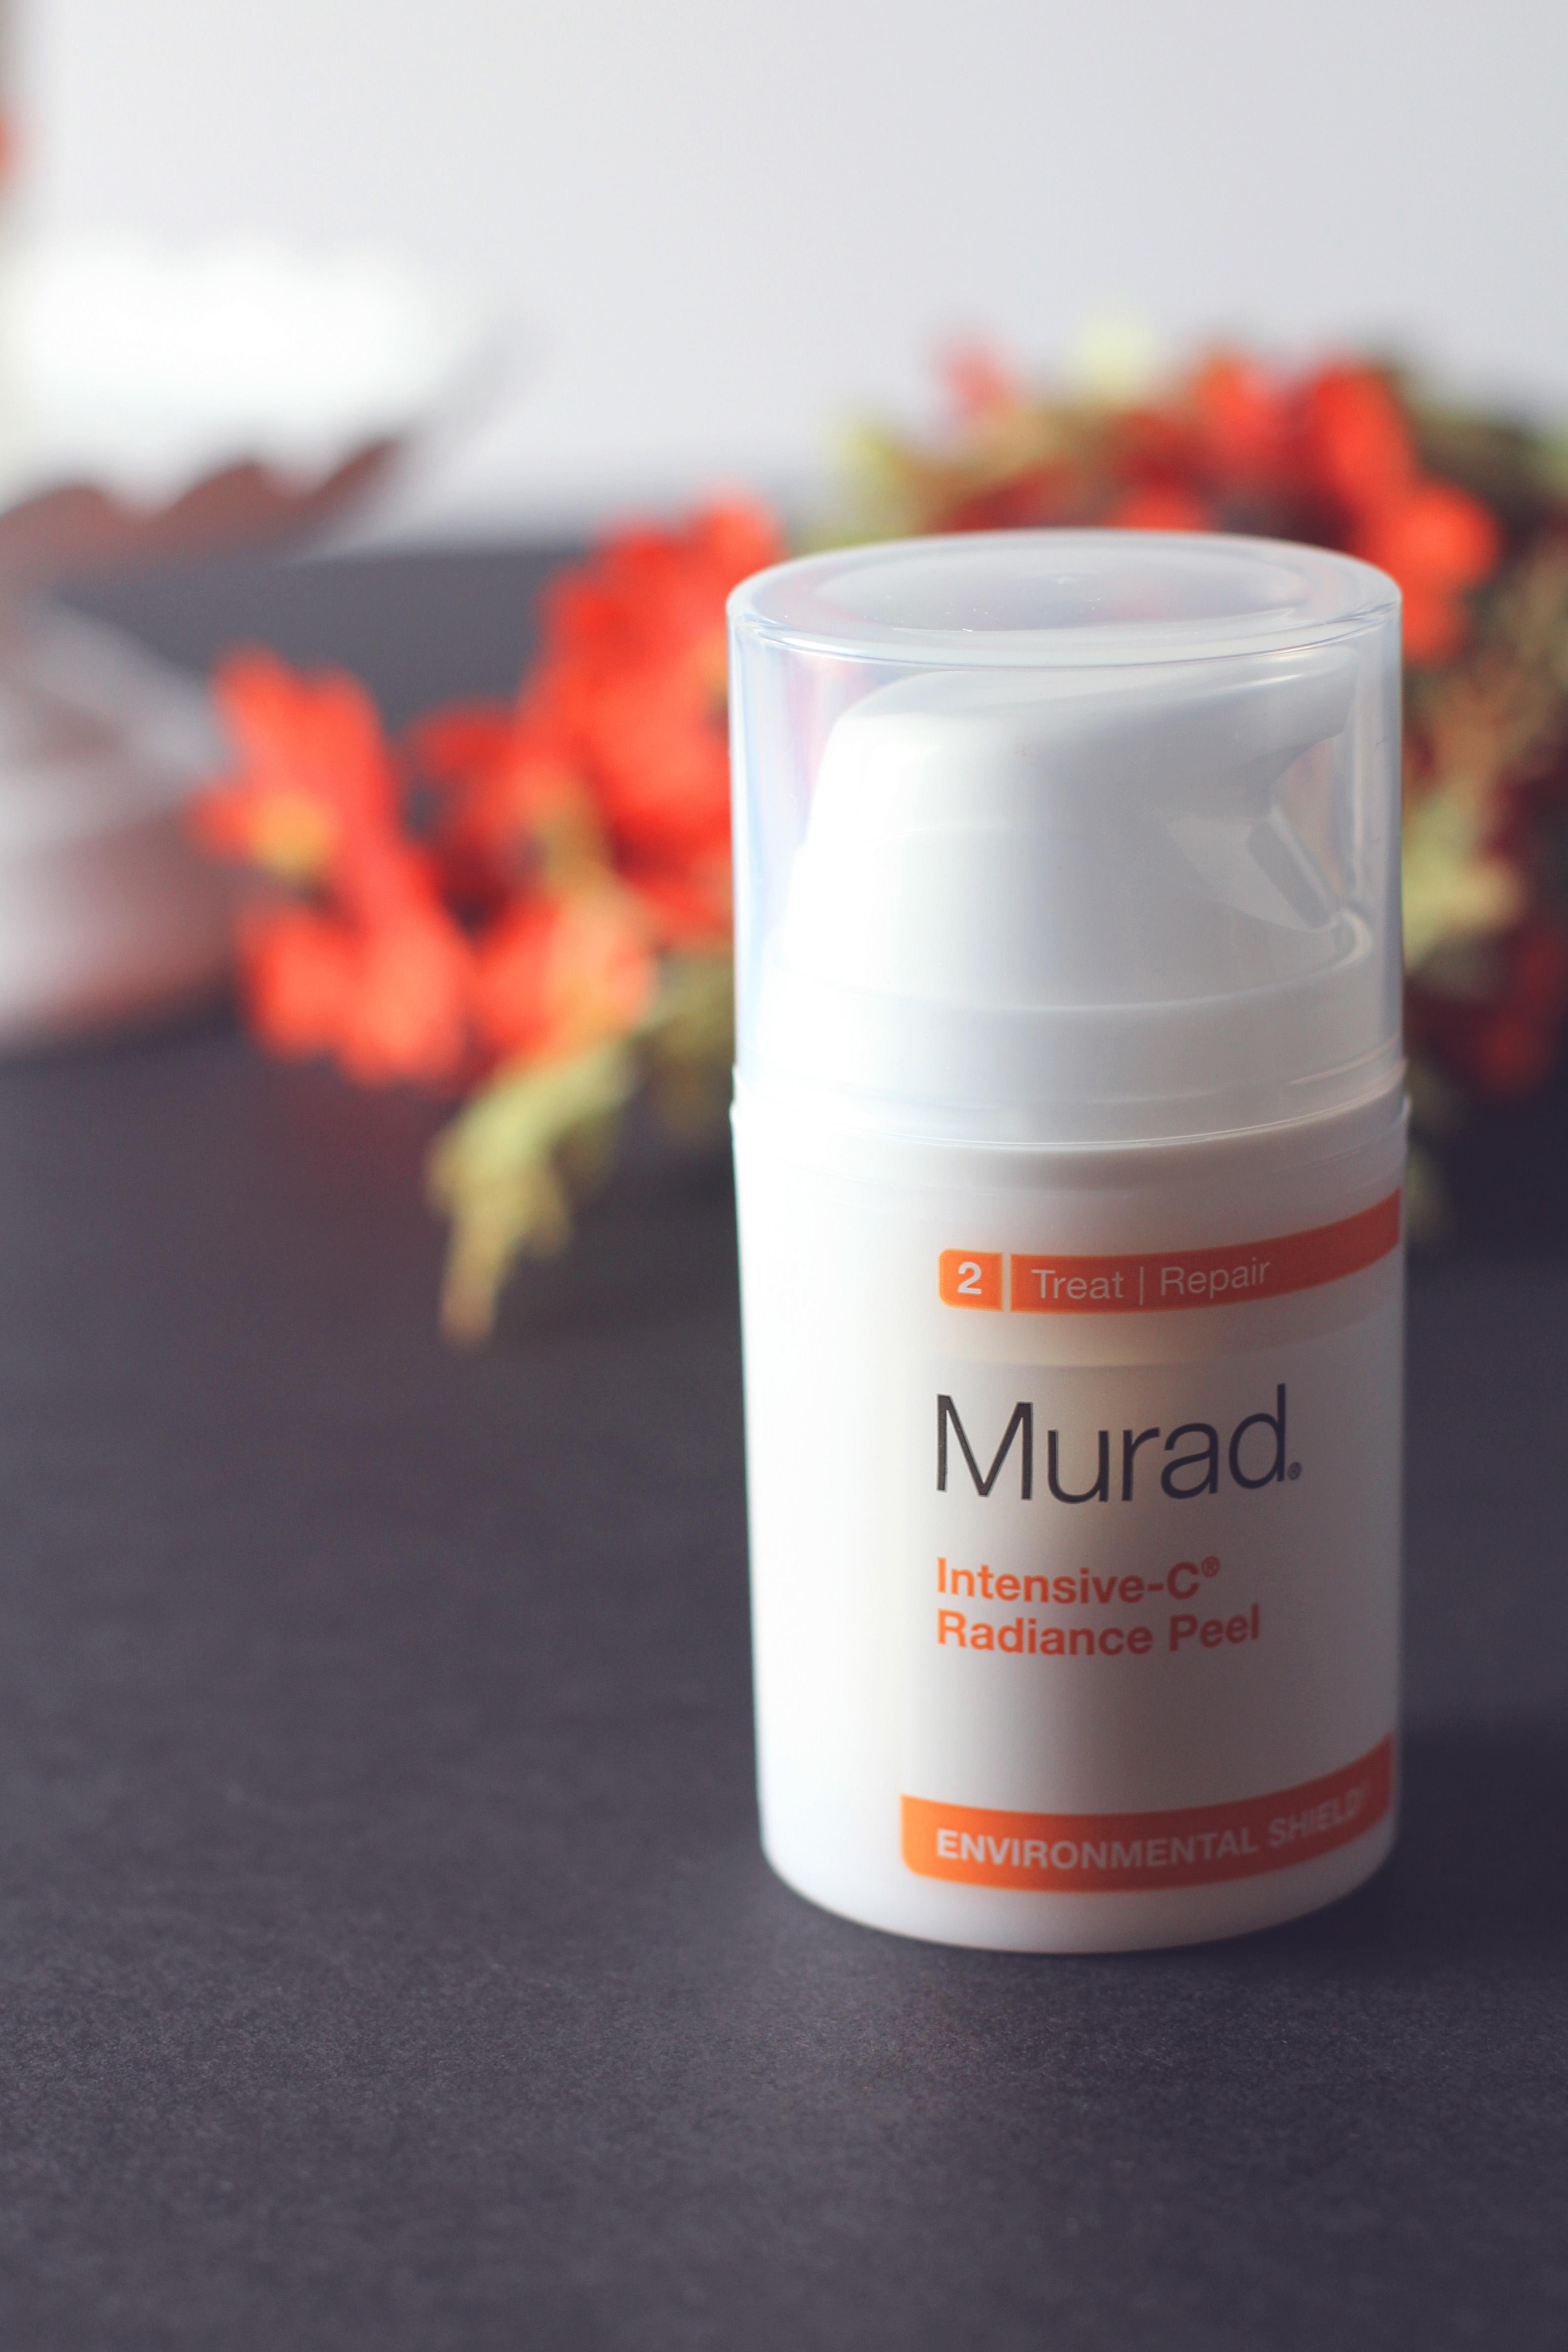 Murad- A Fall Skincare Edit